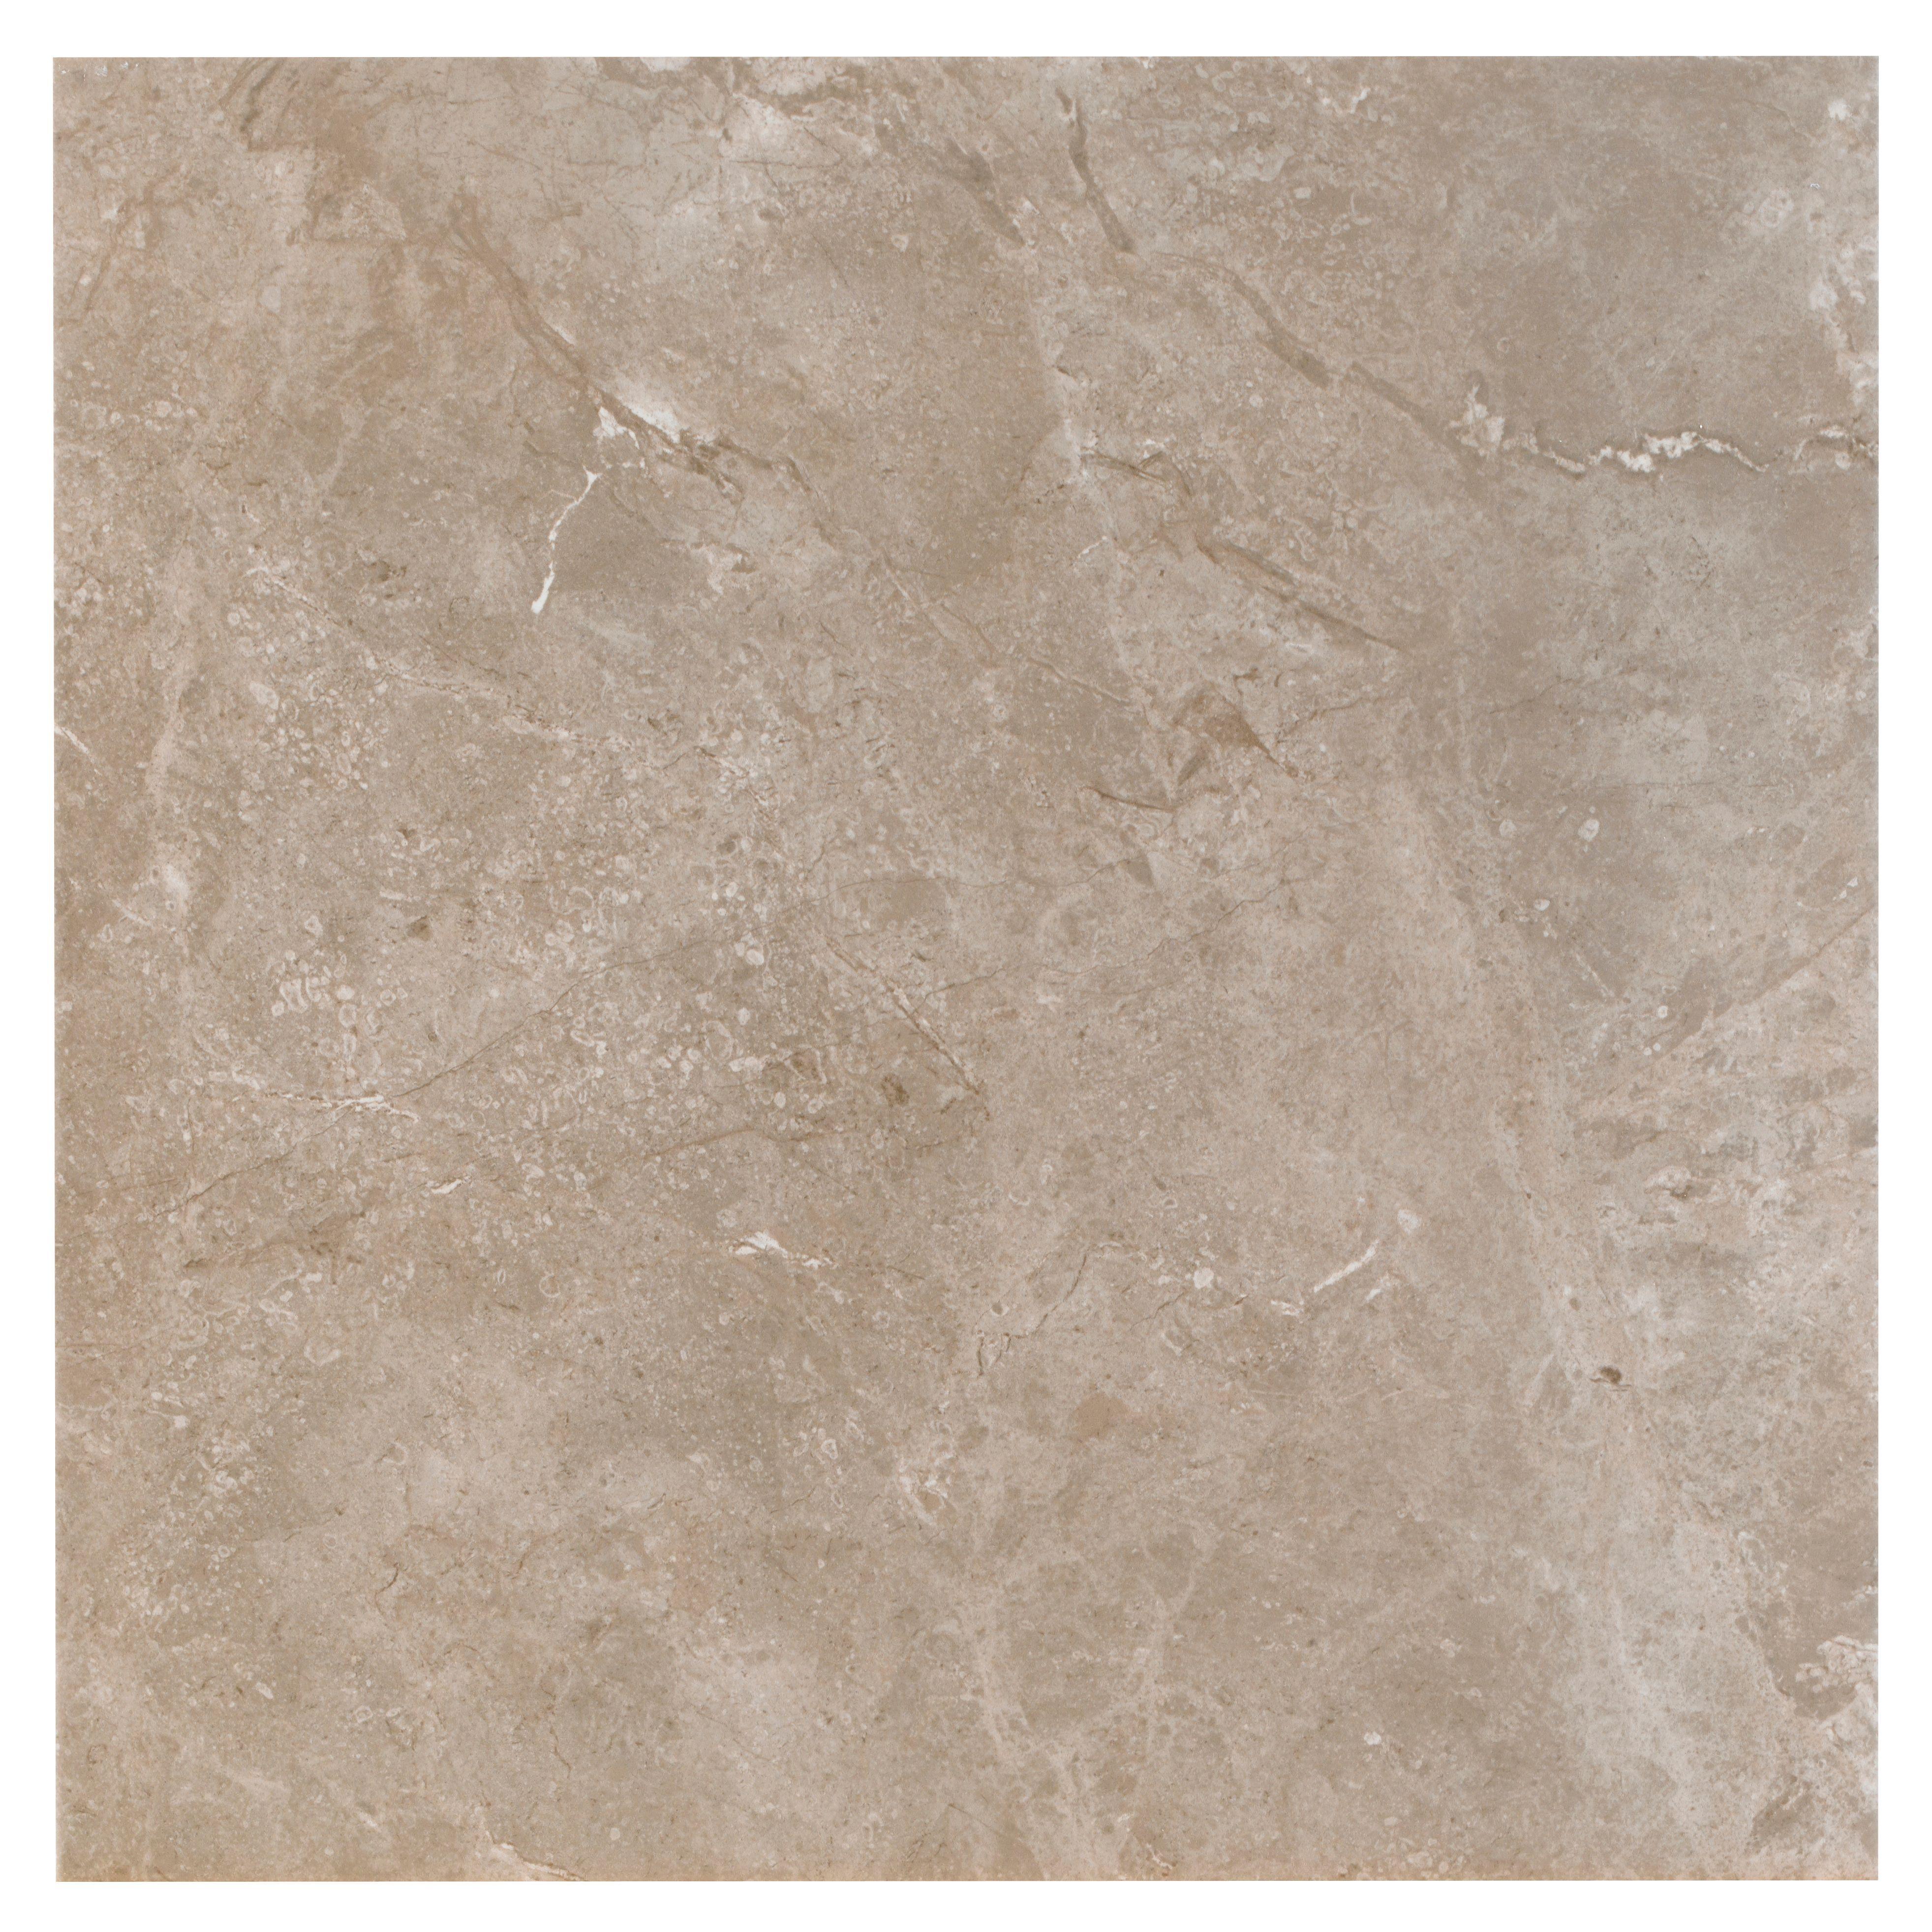 Burlington Limestone Earth Riven Stone Effect Ceramic Wall Floor Tile Pack Of 4 L 498mm W 498mm Tile Floor Luxury Vinyl Click Flooring Ceramic Floor Tile